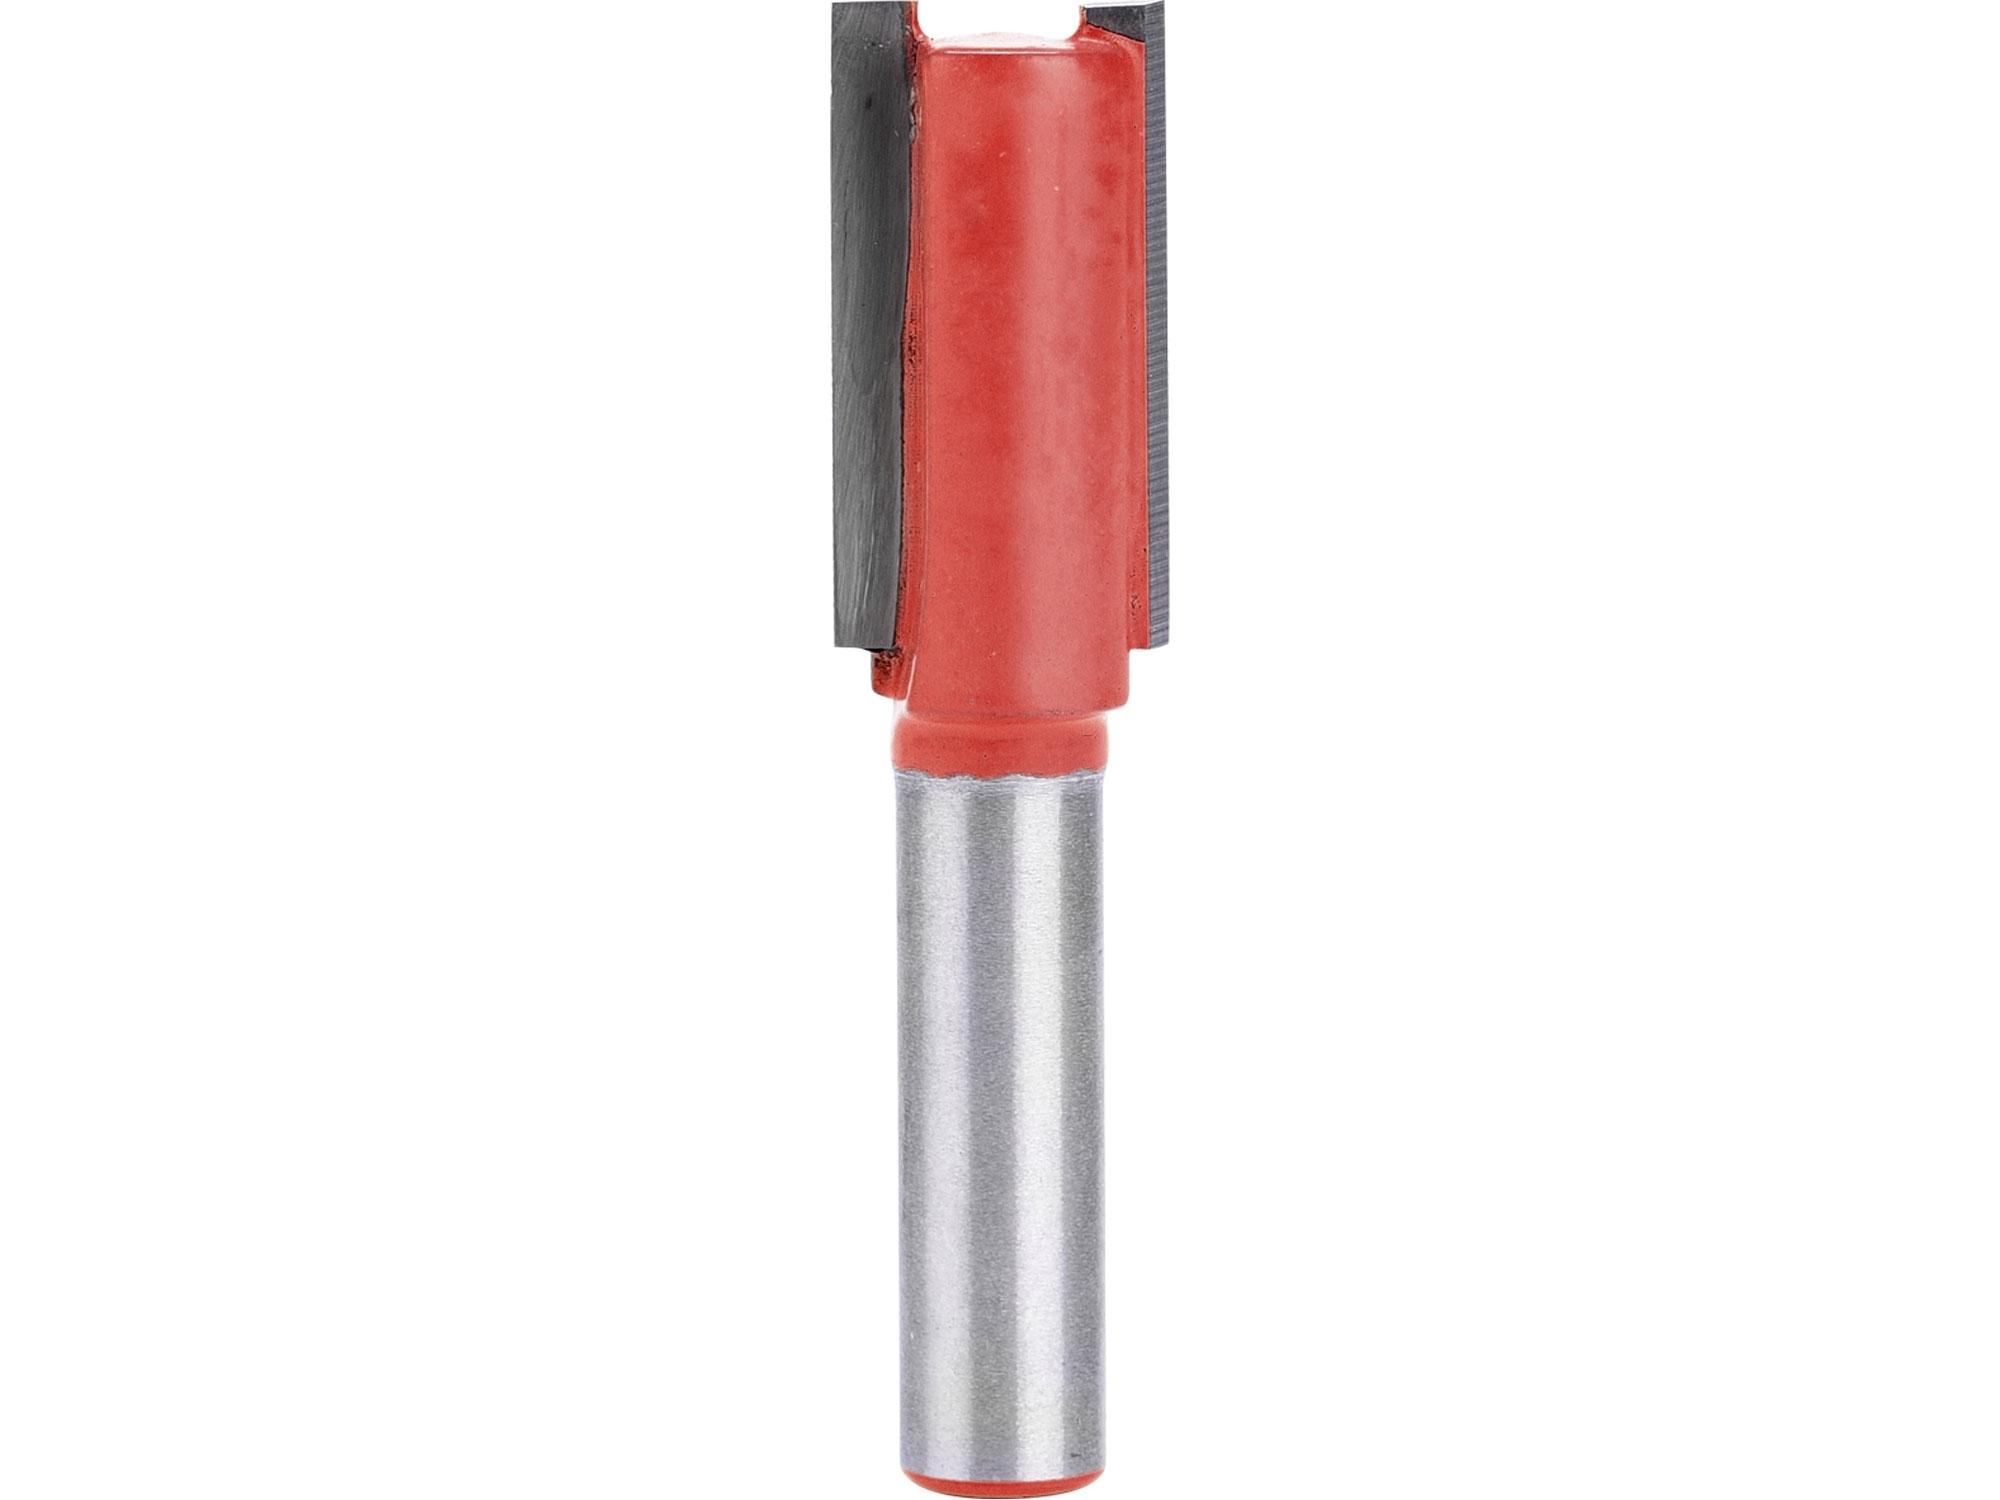 fréza drážkovací do dřeva, D12,7 x H25; průměr stopky 8mm